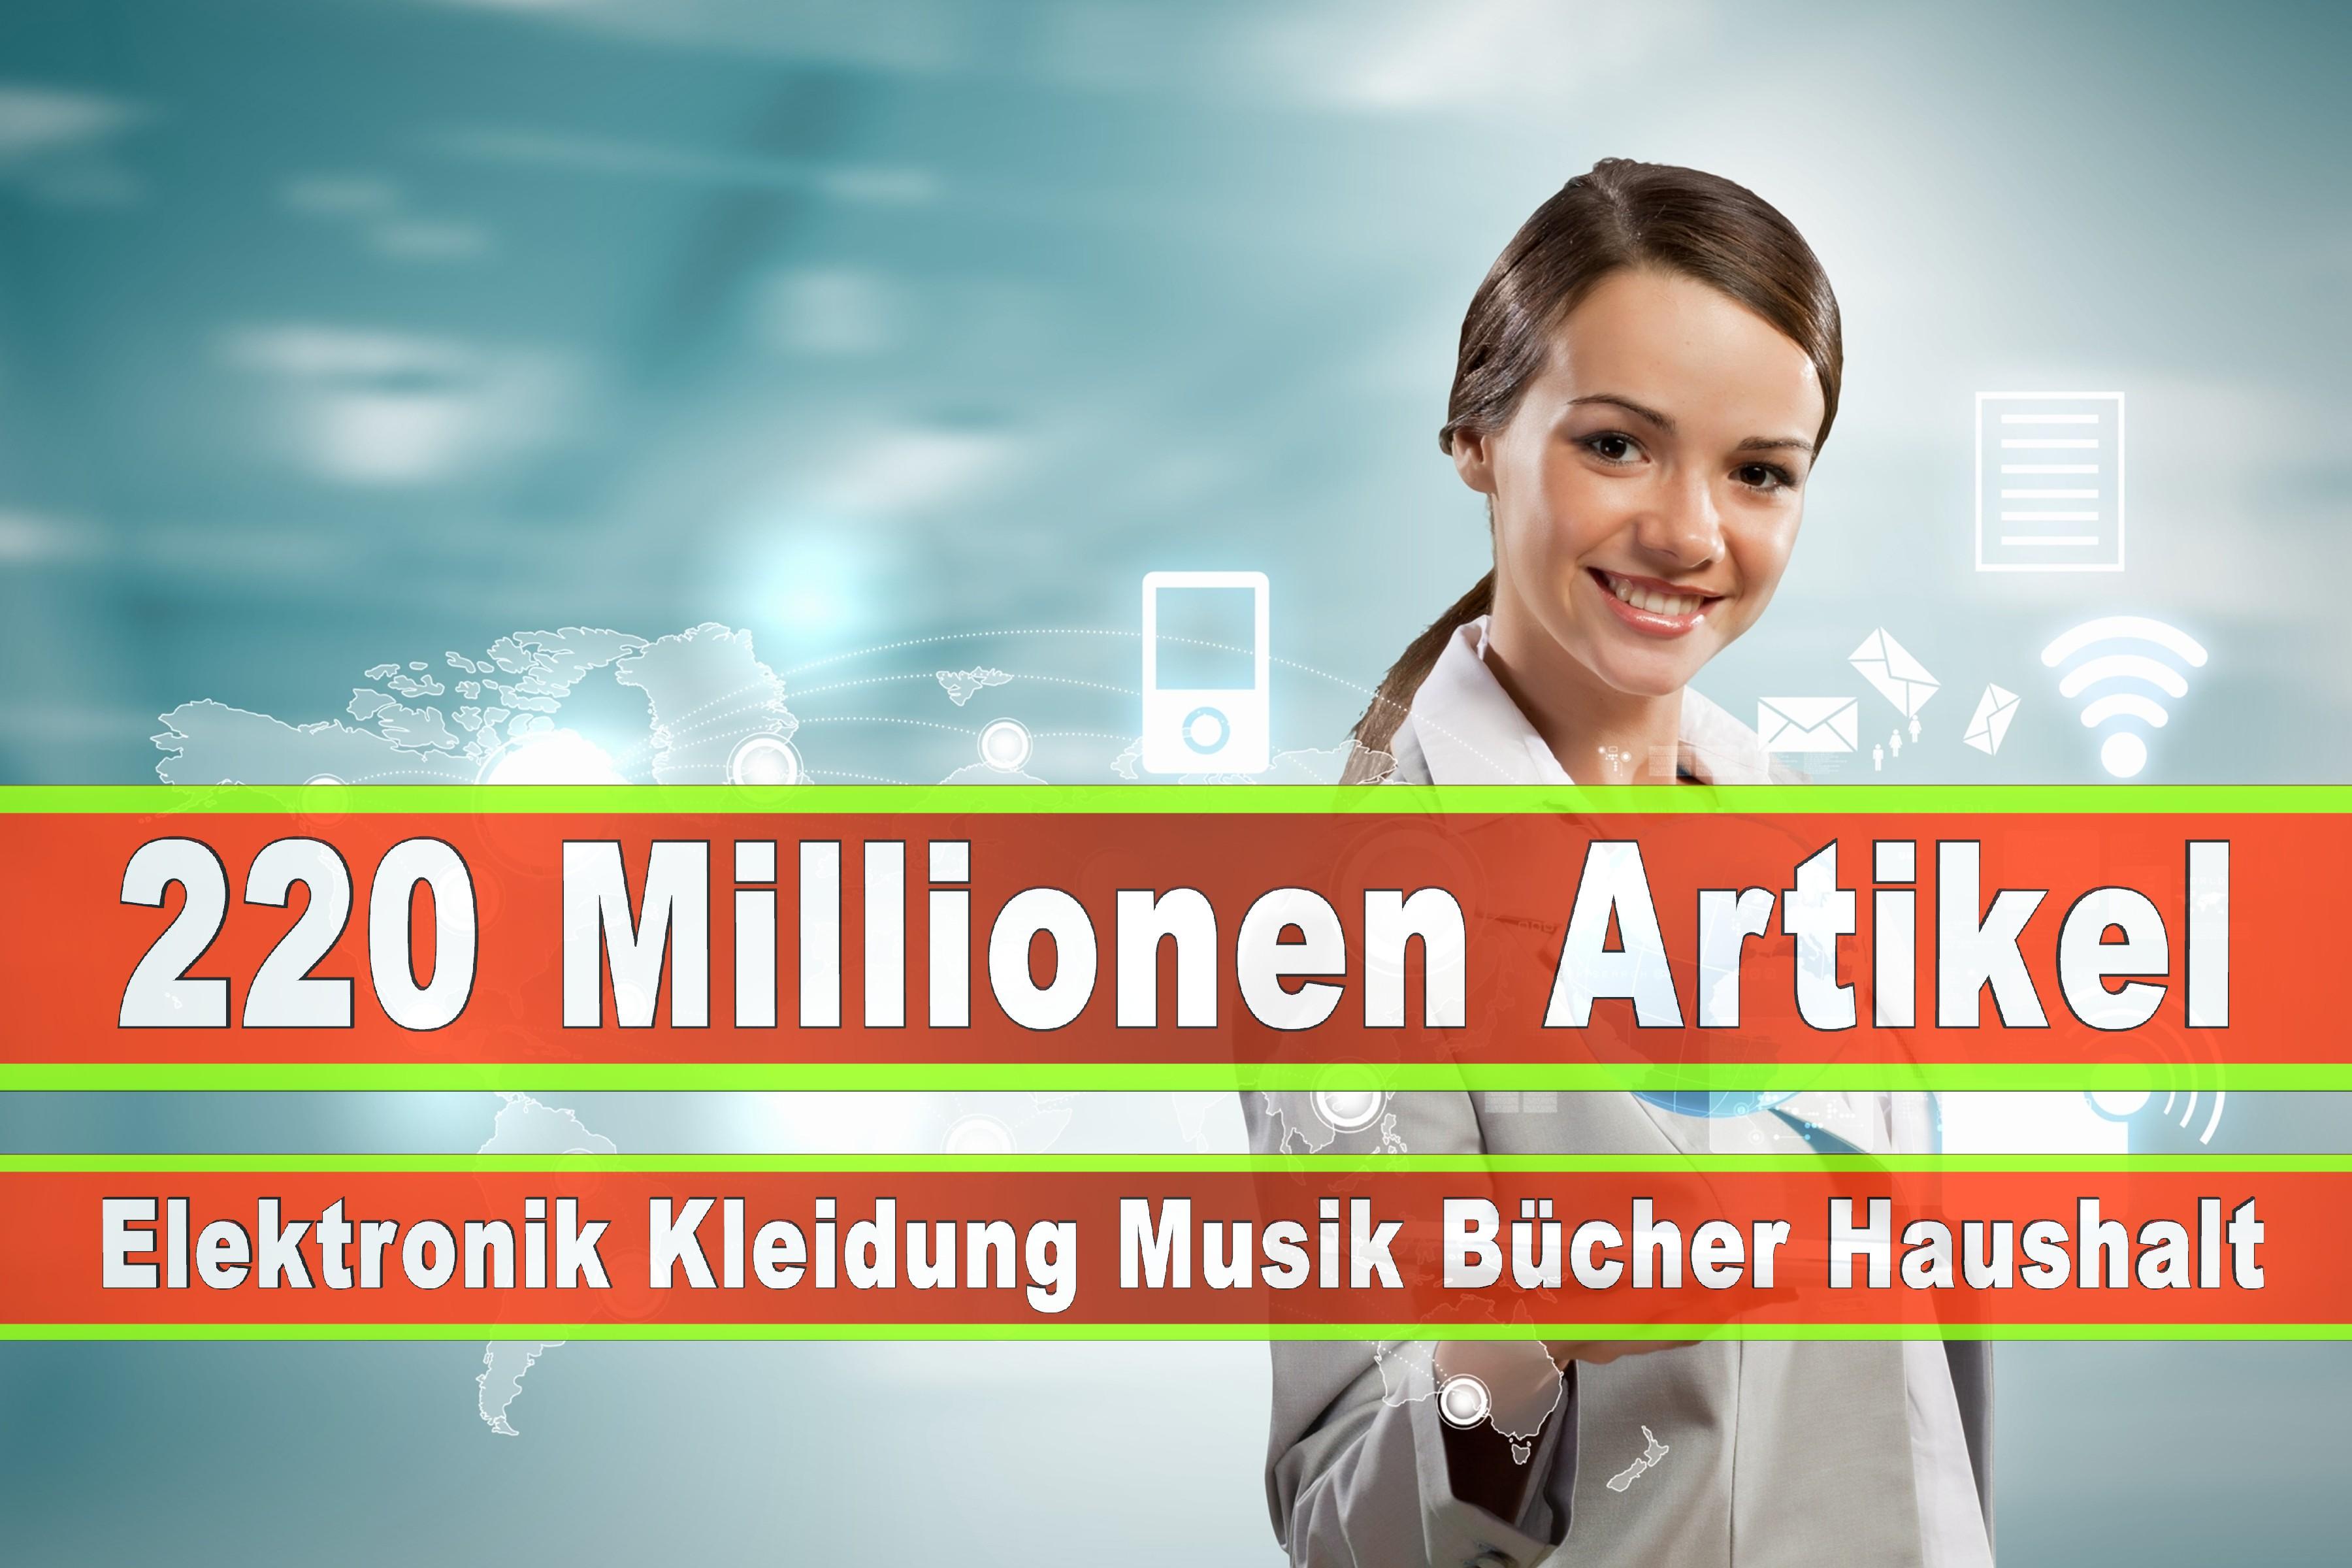 Amazon Elektronik Musik Haushalt Bücher CD DVD Handys Smartphones TV Television Fernseher Kleidung Mode Ebay Versandhaus (31)